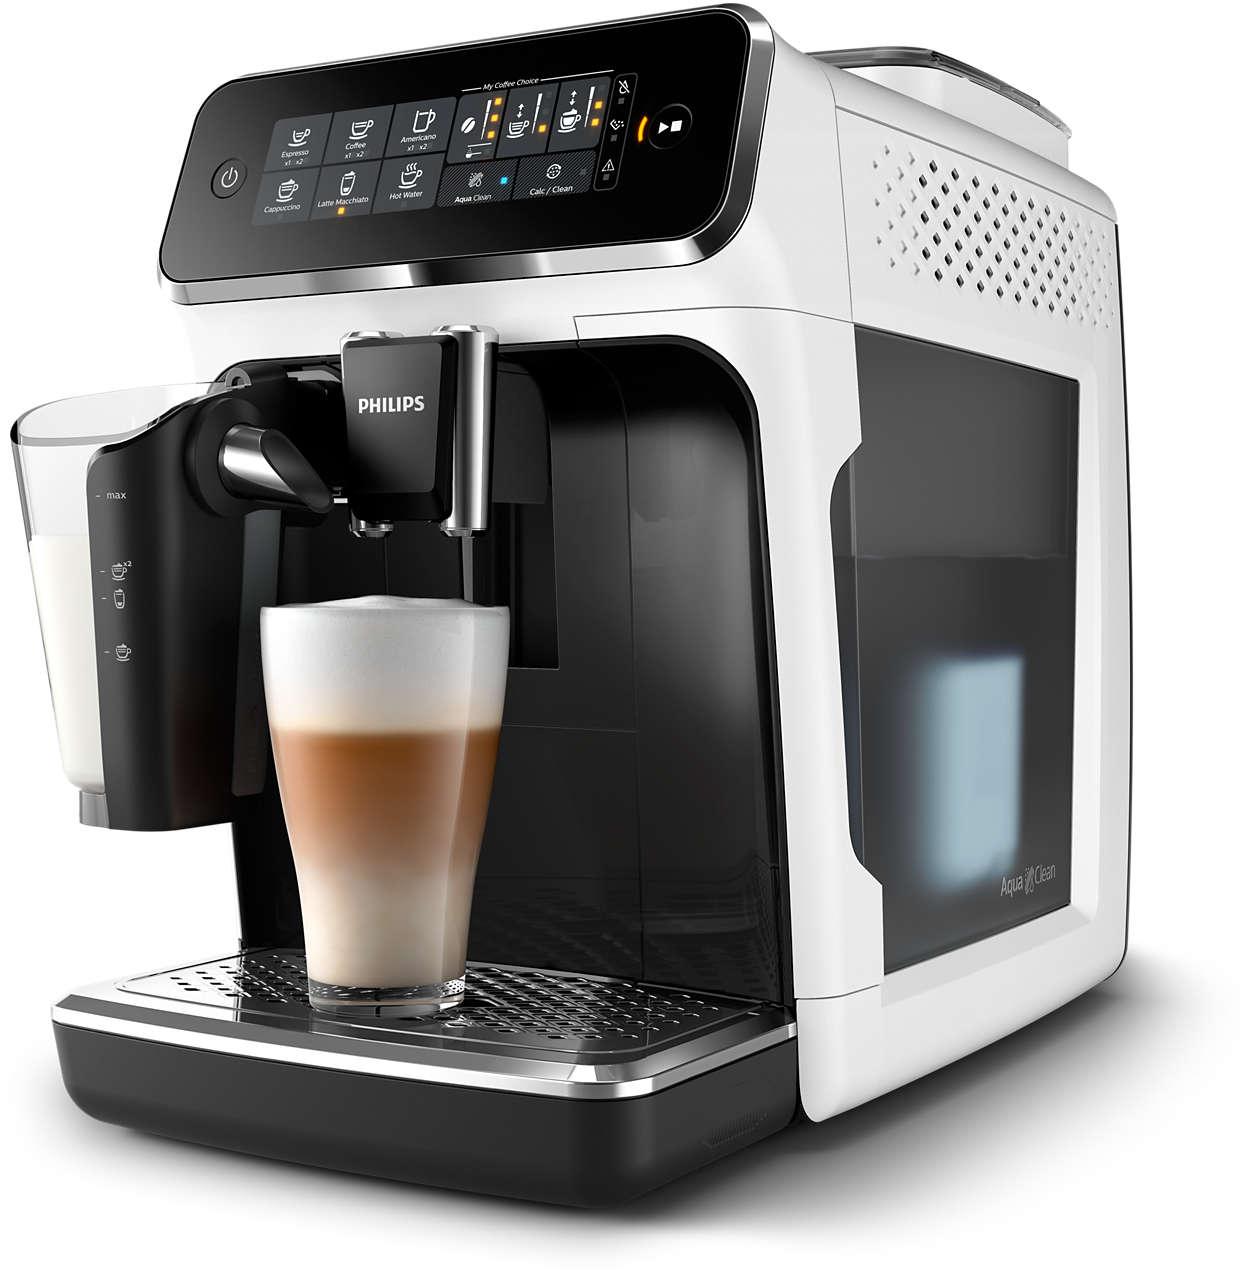 5видів смачних кавових напоїв зі свіжих зерен – іще легше